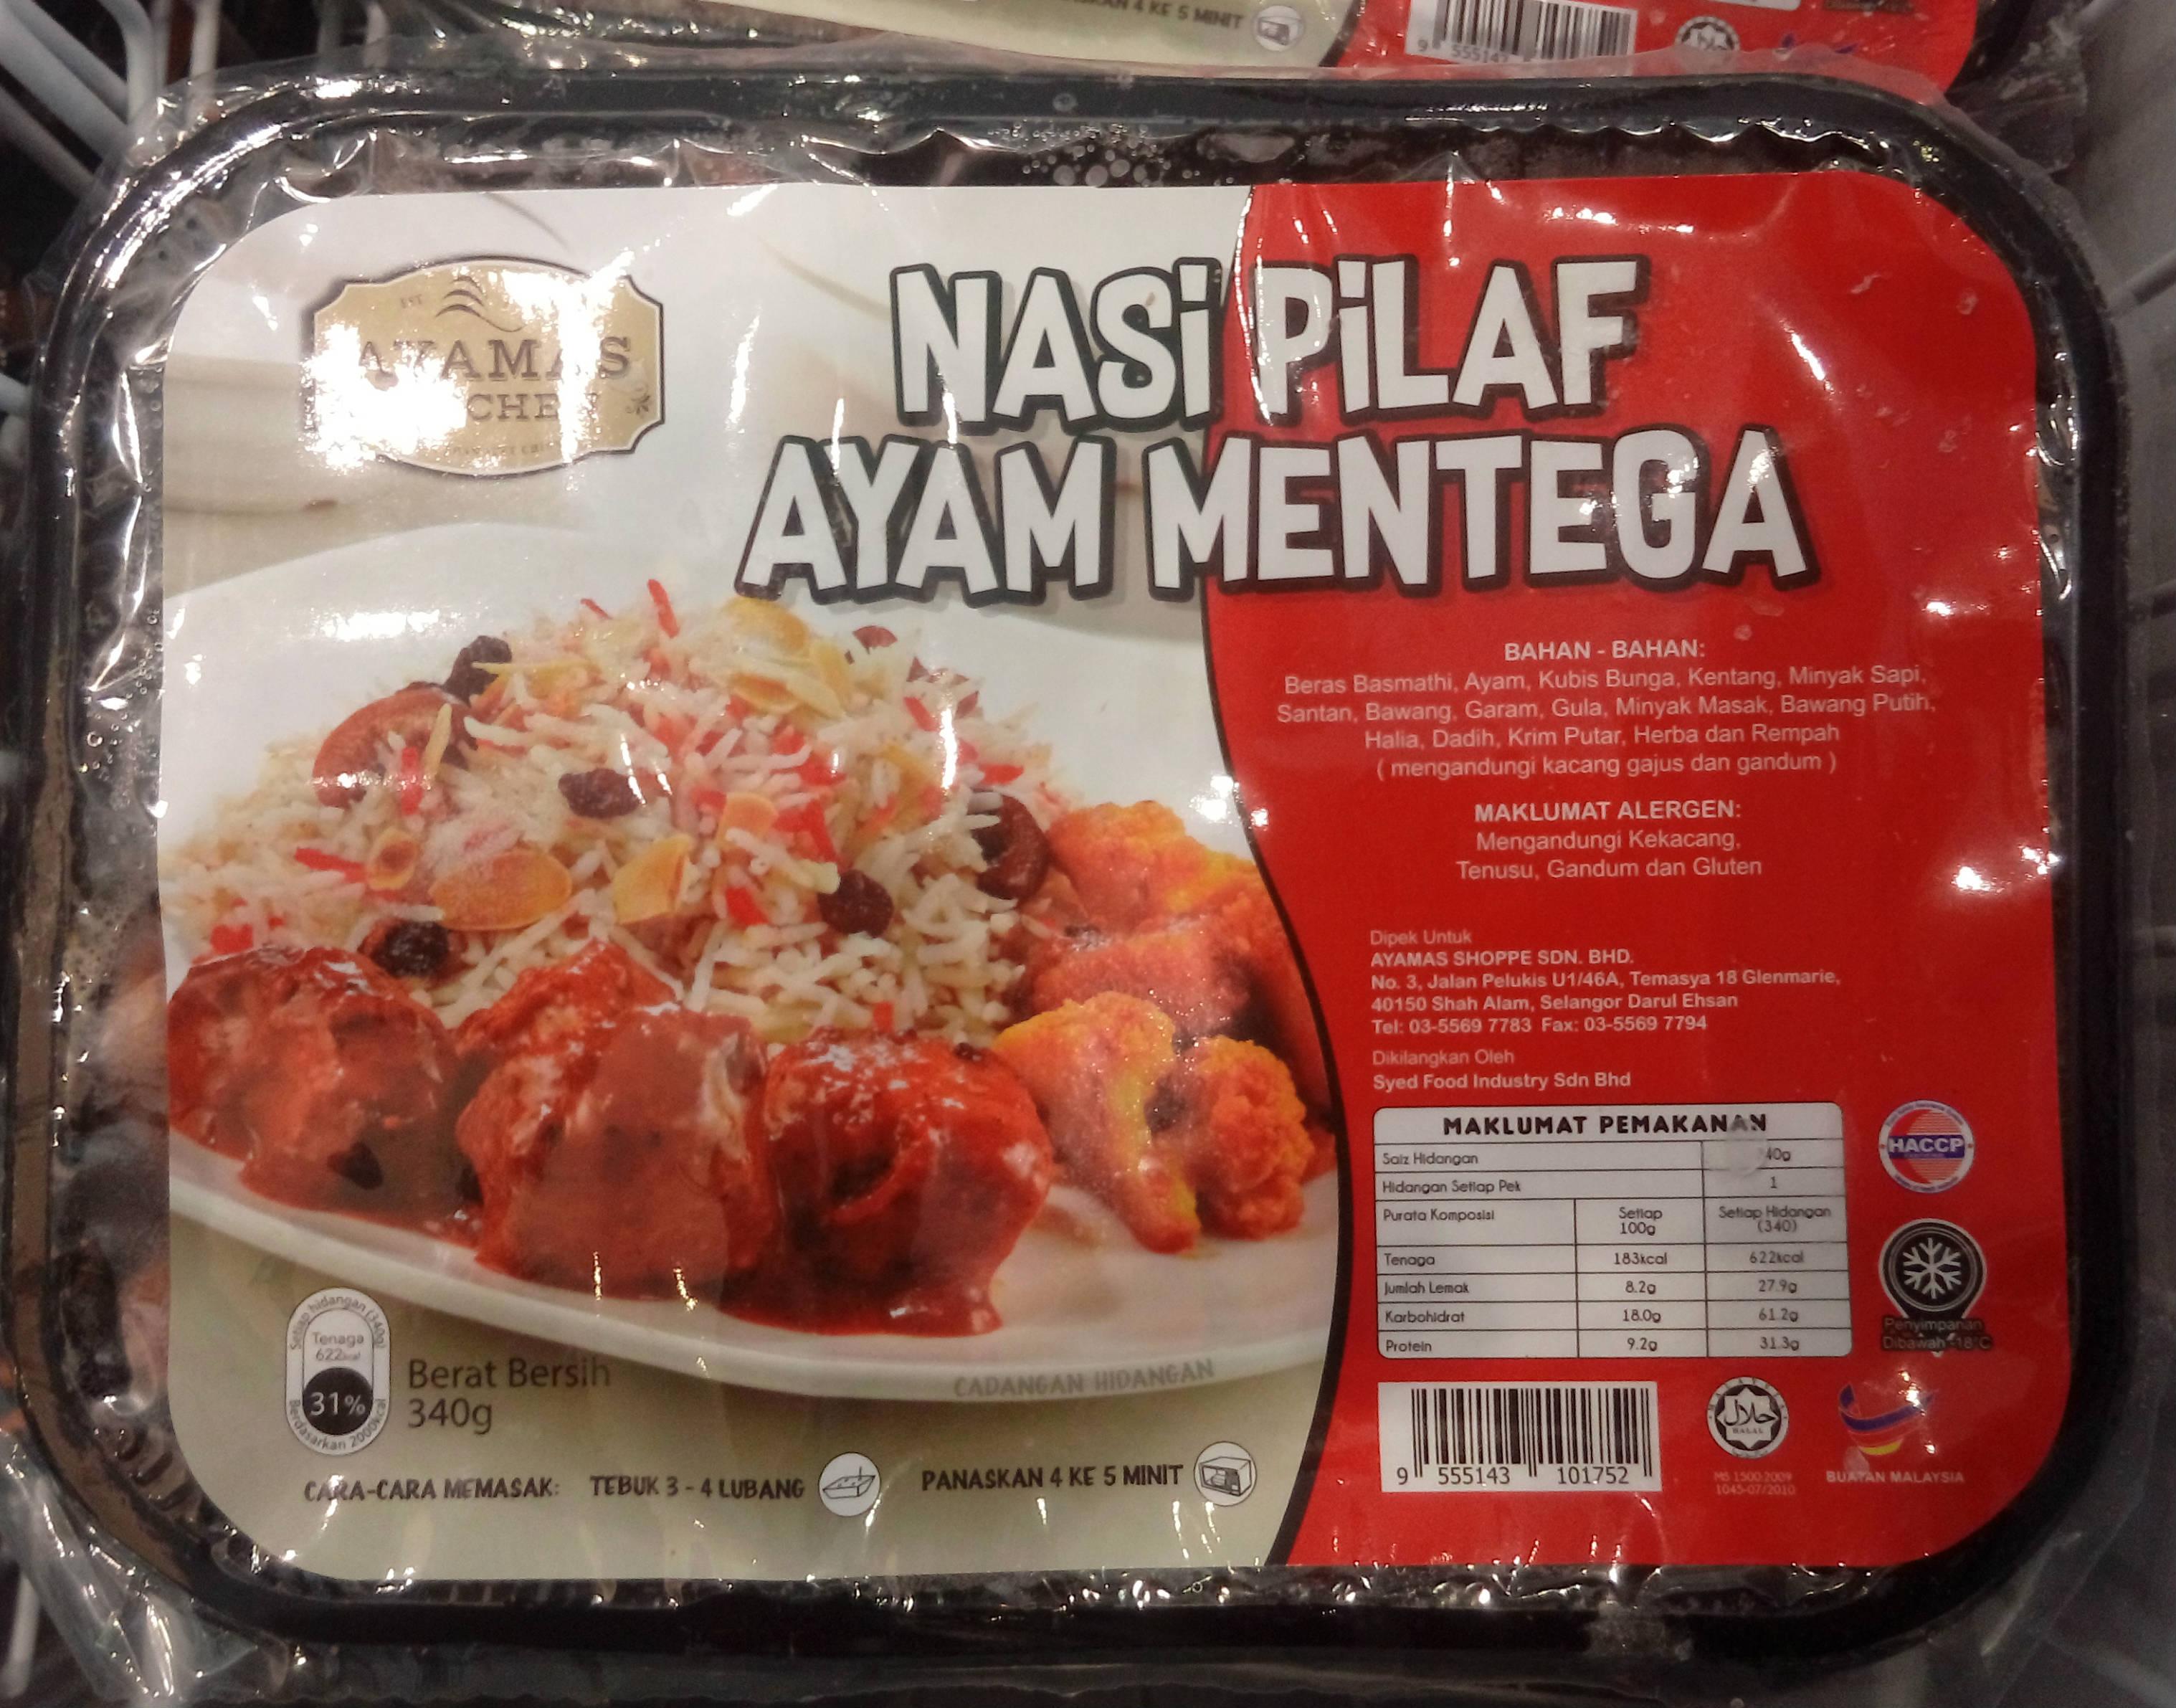 Nasi Pilaf Ayam Mentega RM8.50